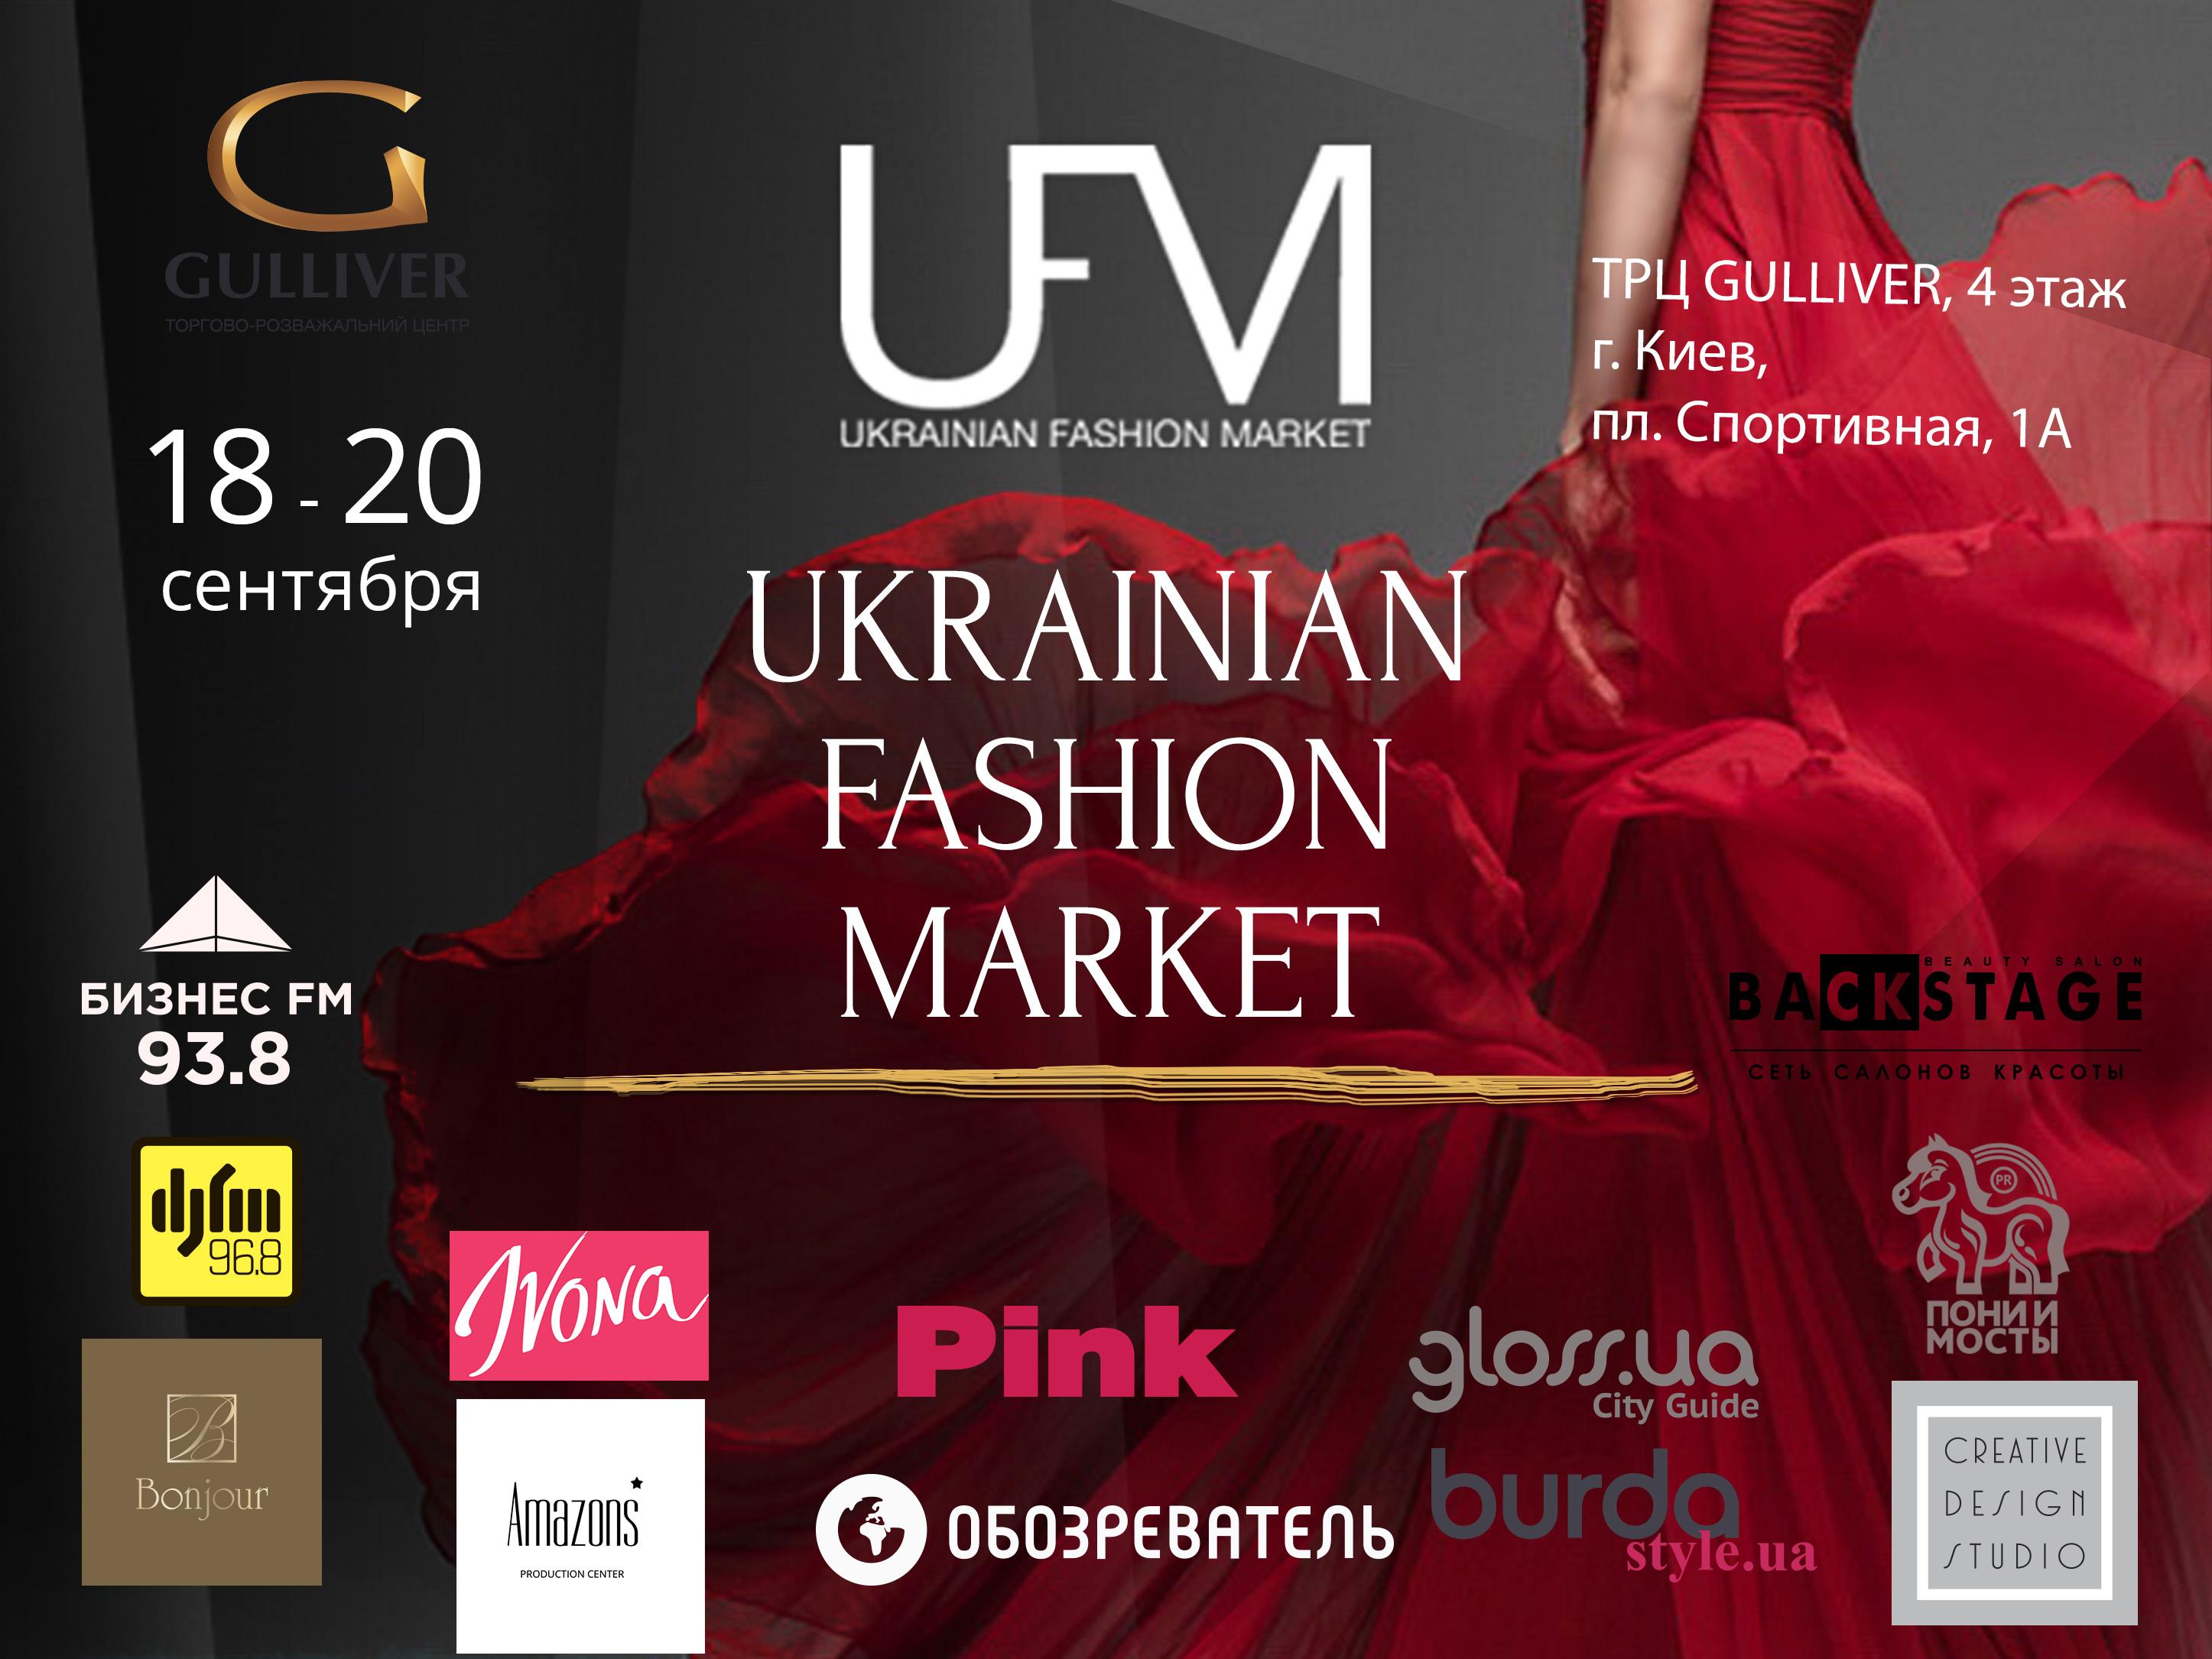 Ukrainian Fashion Market стартует 18 сентября в ТРЦ Гулливер